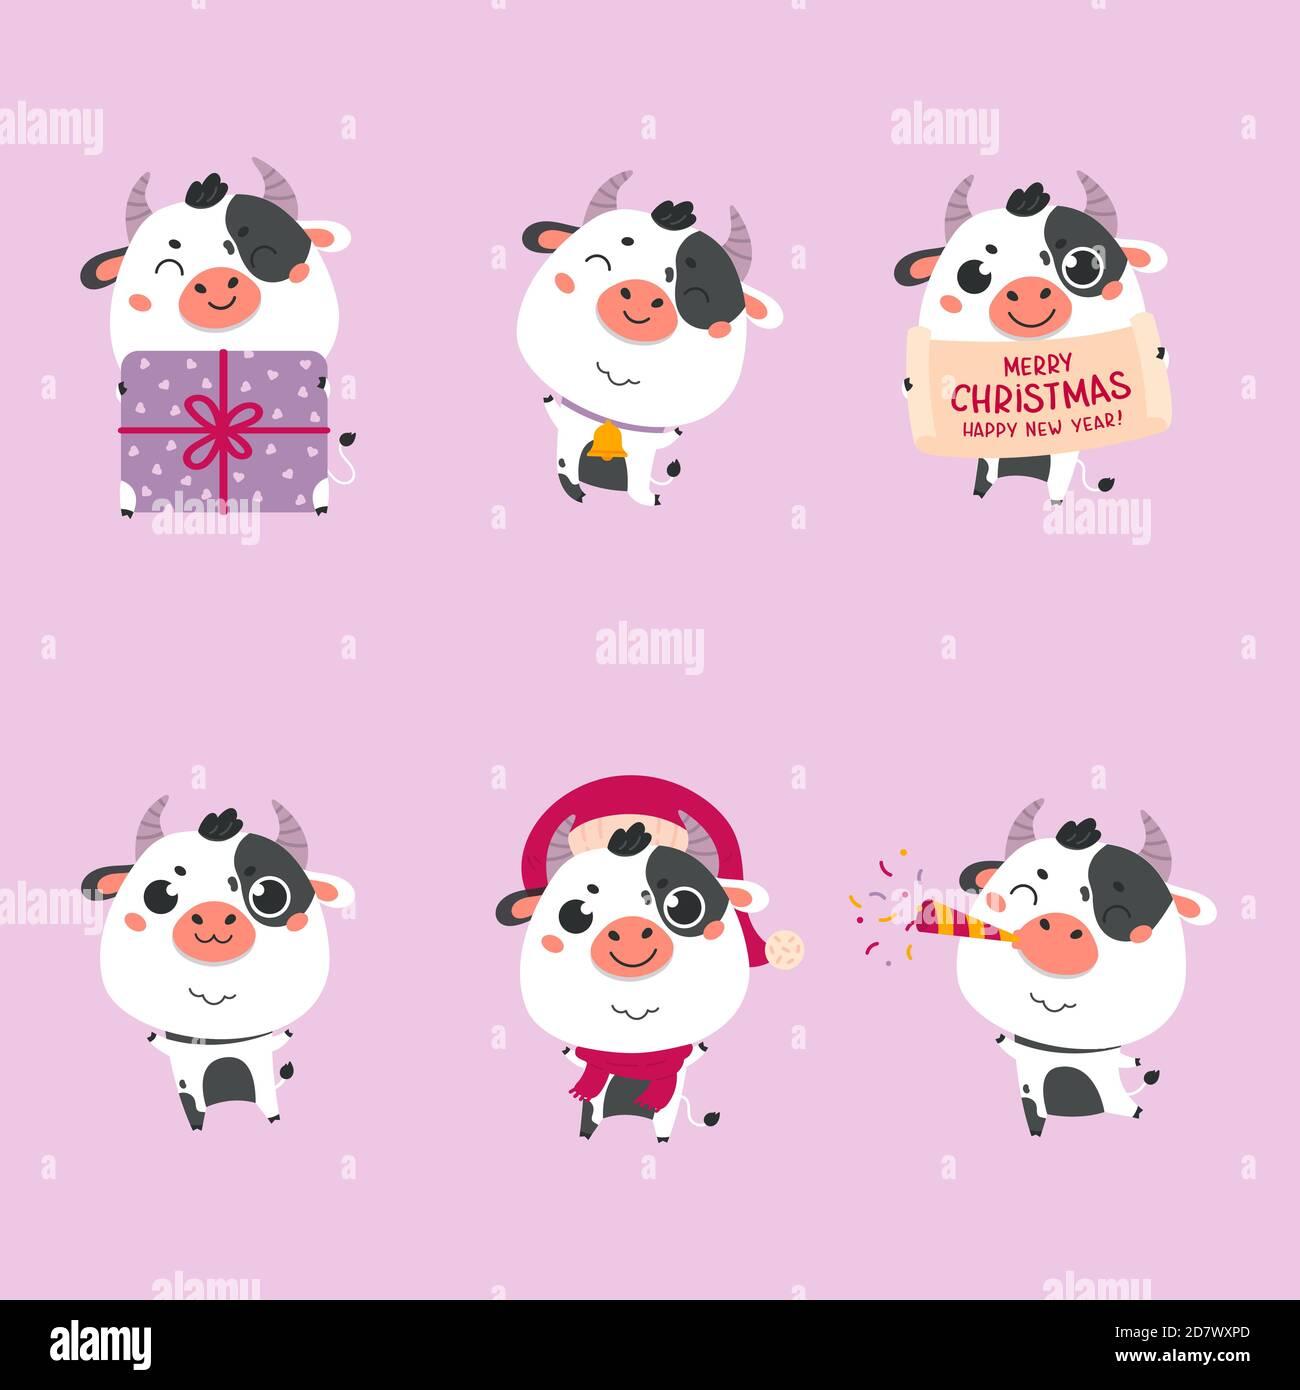 Ensemble De Mignon Dessin Anime Boeuf Et Vaches Bonne Annee Image Vectorielle Stock Alamy